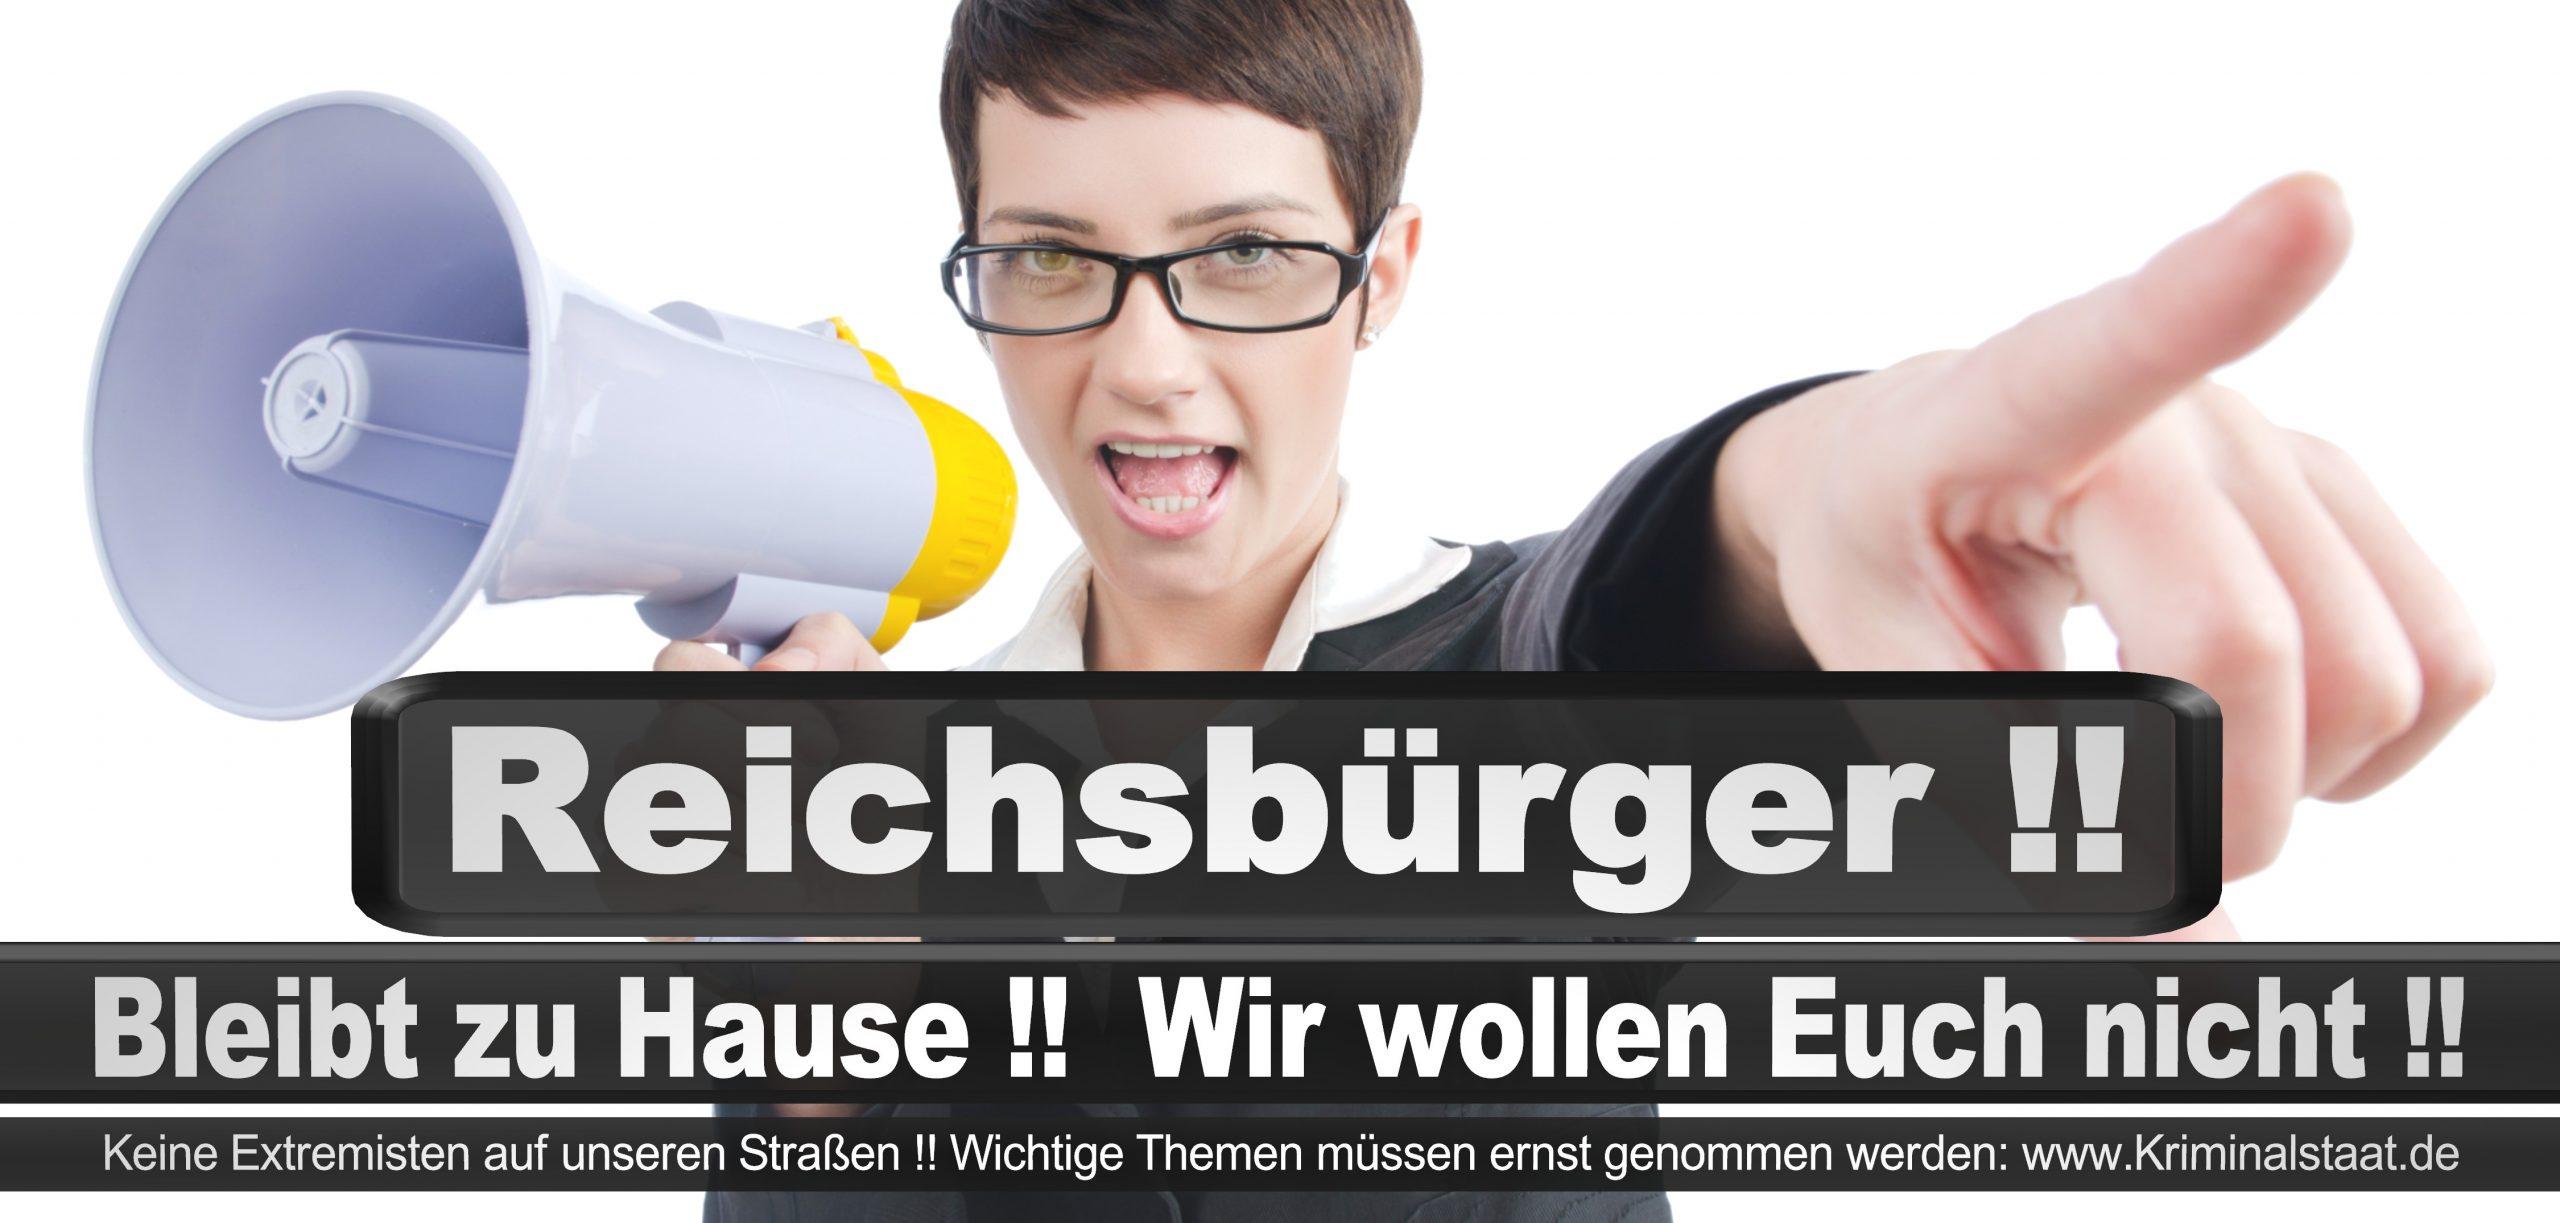 Bundestagswahl 2021 Wahlplakate CDU SPD FDP AFD Grüne Linke Stimmzettel Prognose Umfrage Kandidaten Parteien Datum (4)